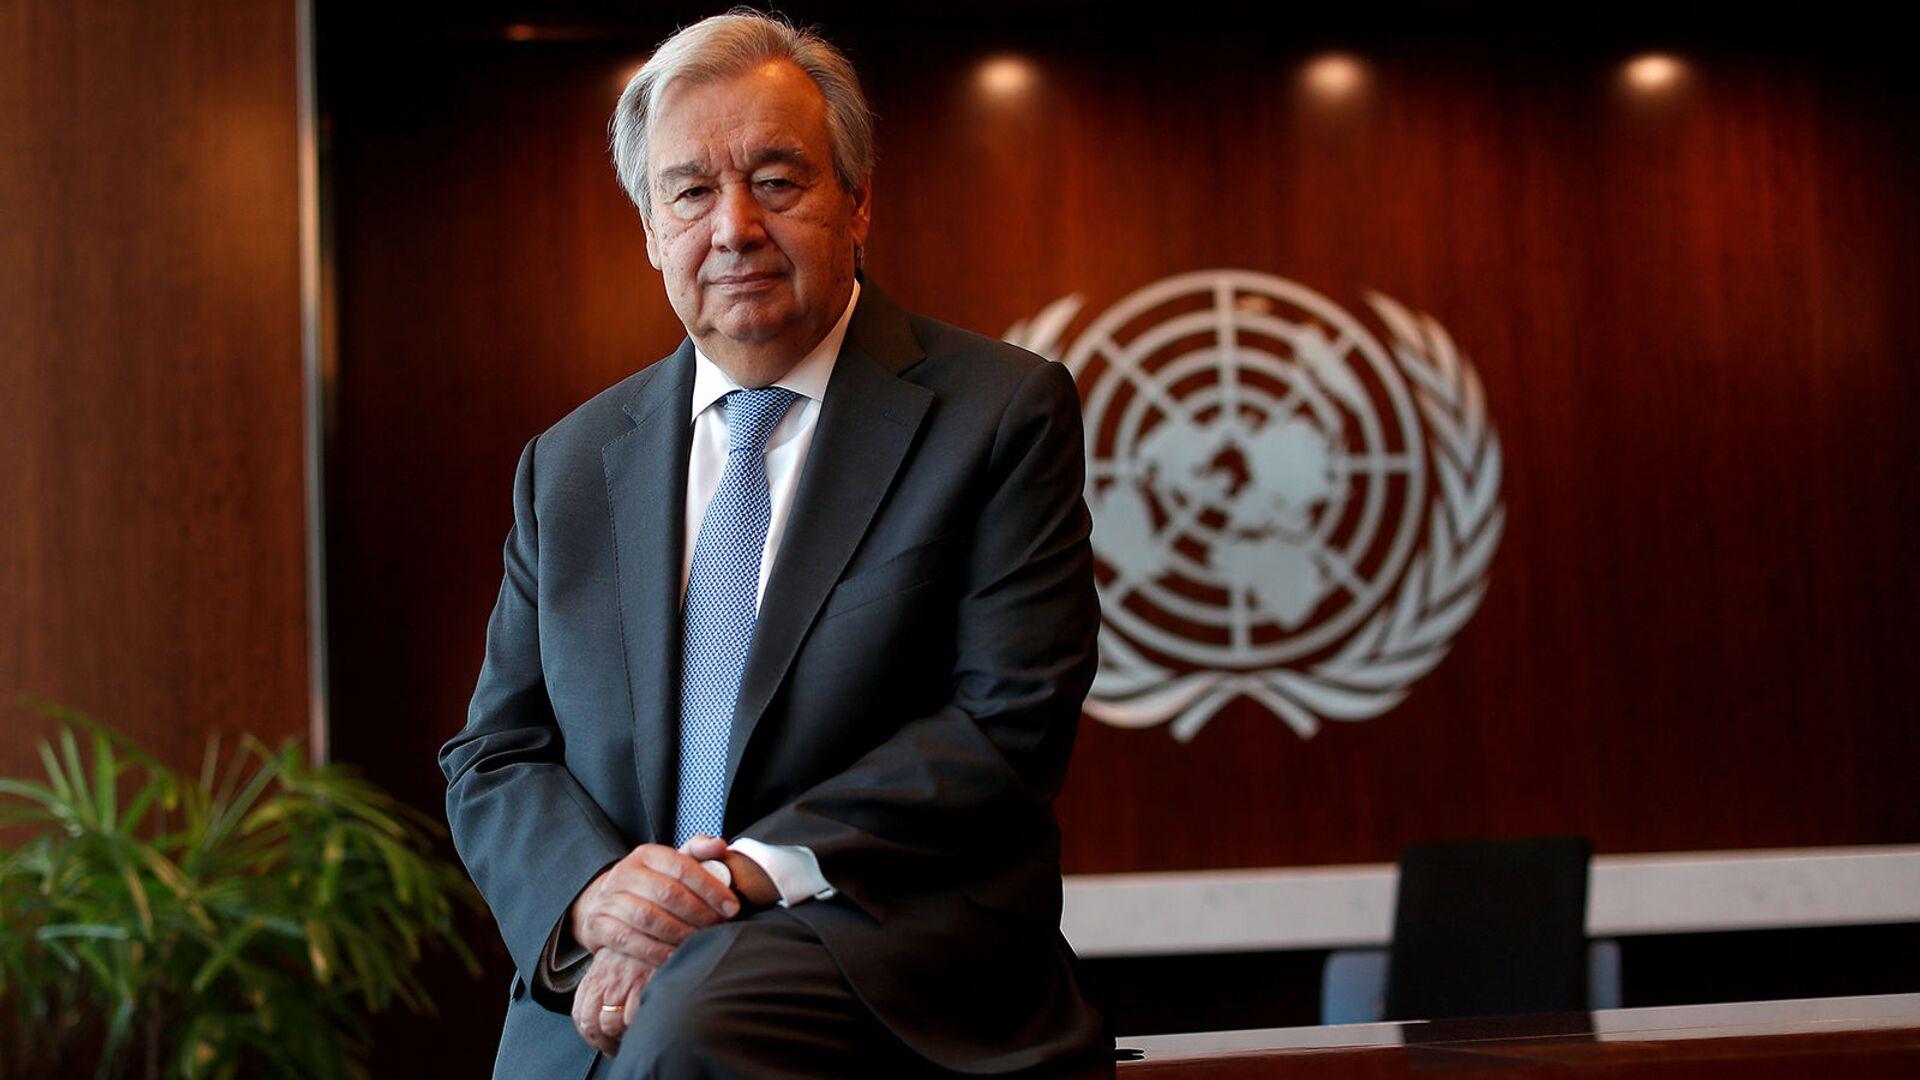 Генеральный секретарь ООН Антониу Гутерреш на фотосессии (19 апреля 2021). Нью-Йорк - Sputnik Армения, 1920, 27.09.2021